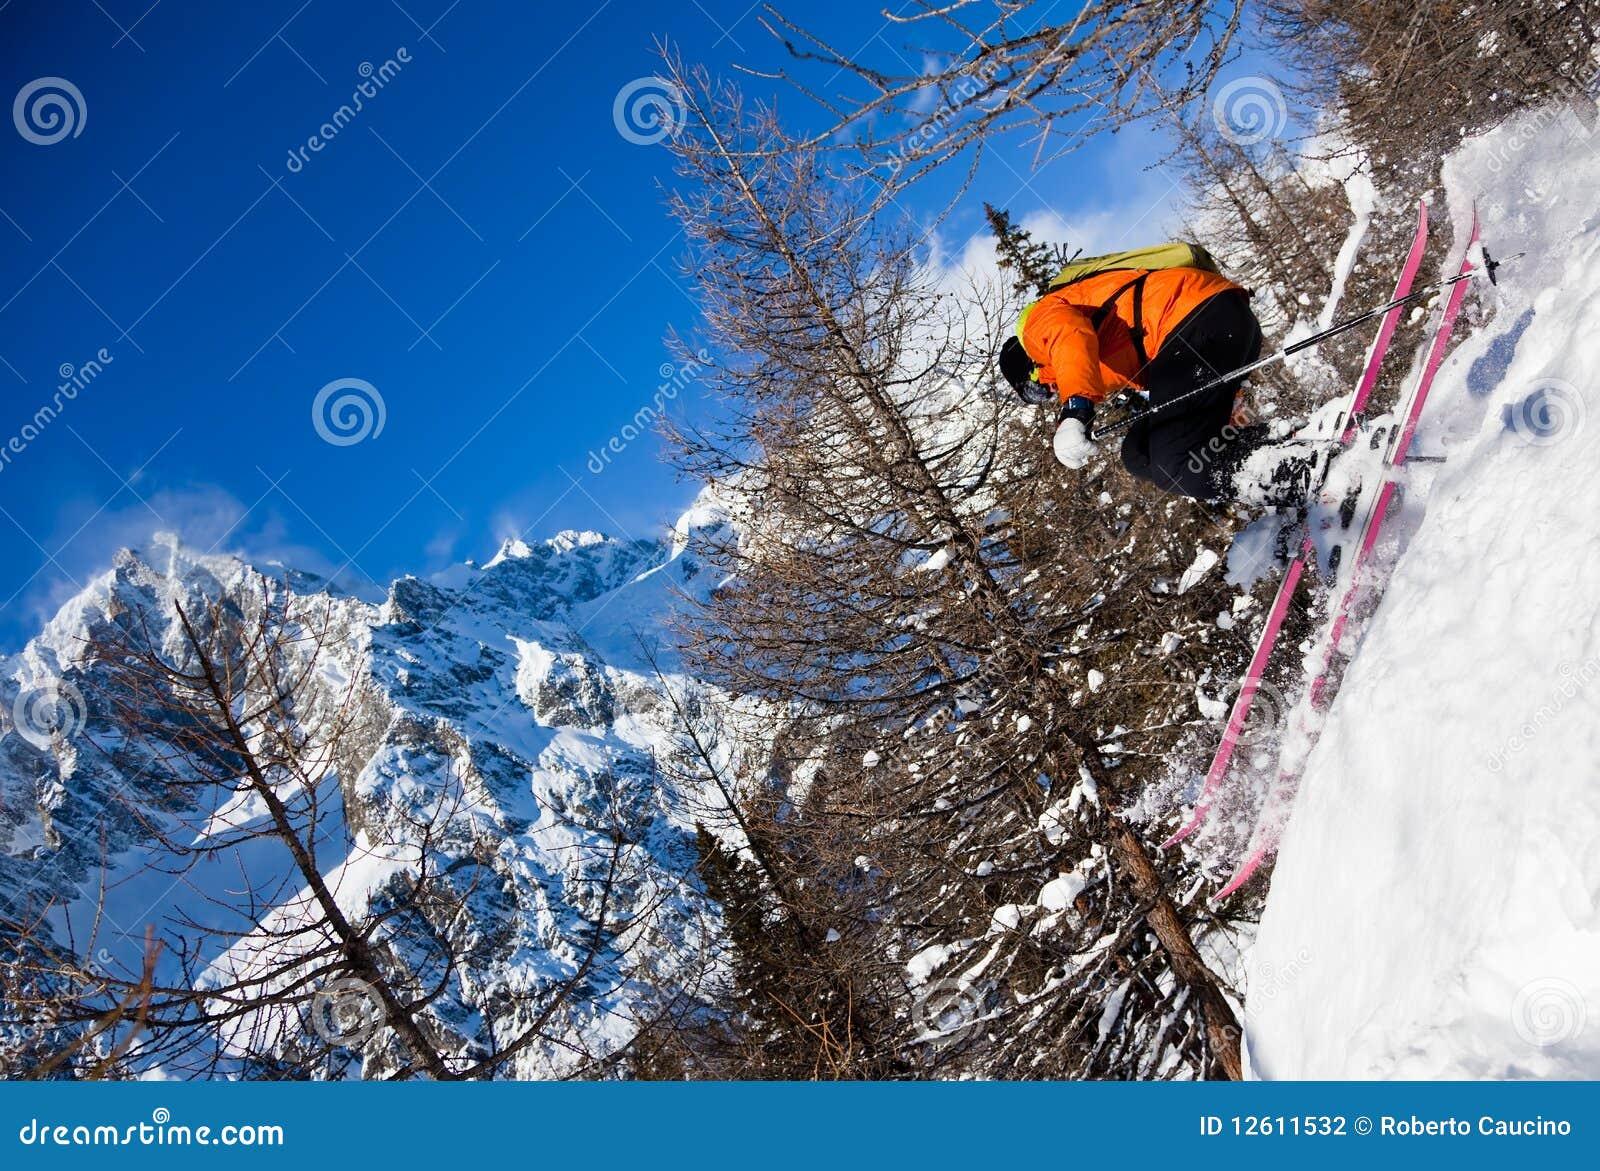 Skieur en air